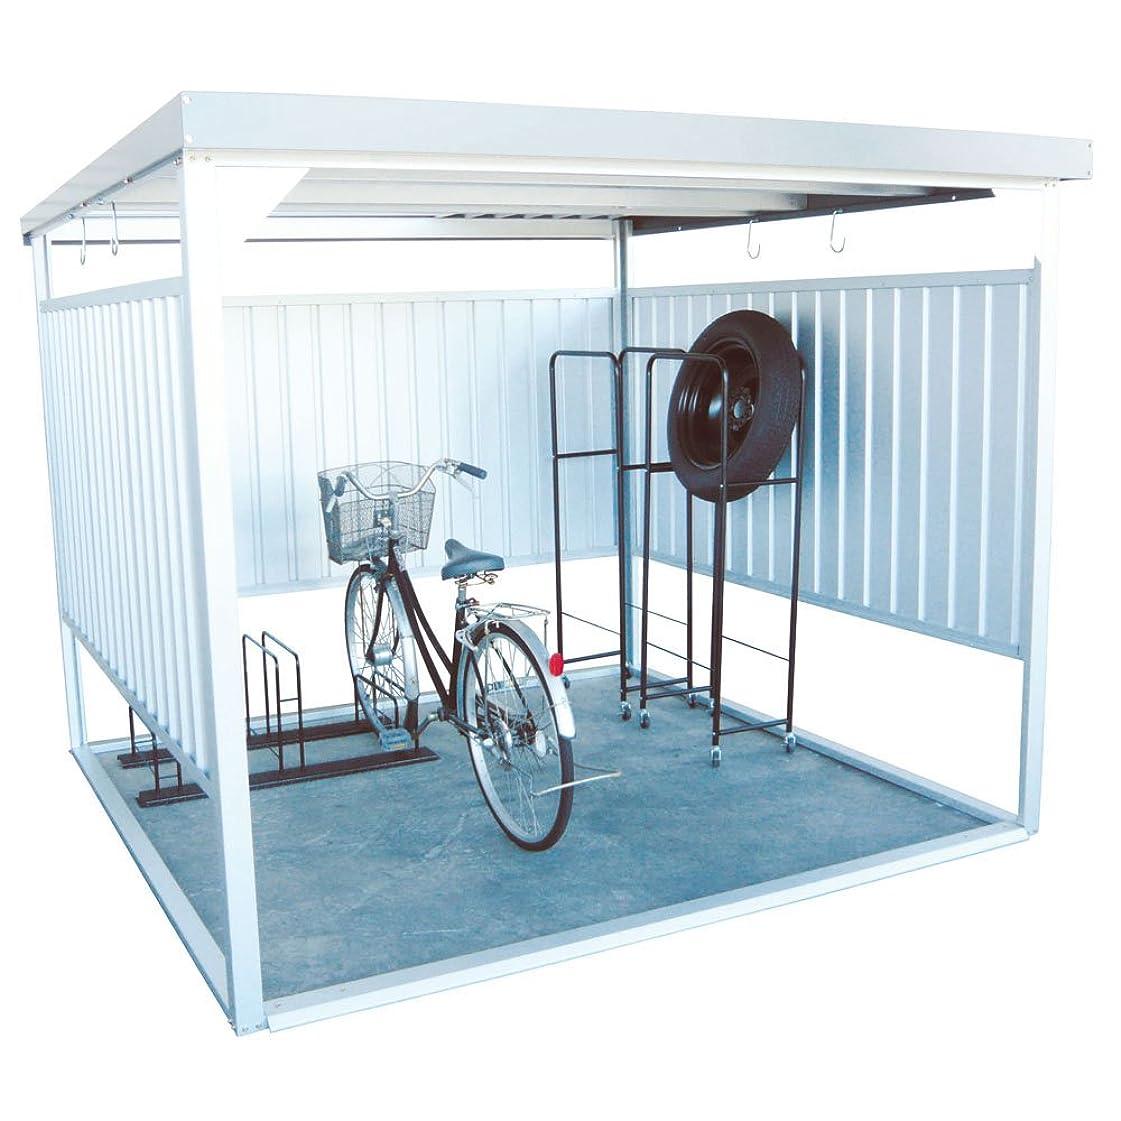 ゲージ思い出させる死の顎ダイマツ 多目的万能物置 サイクルハウス 物置 自転車 バイク 収納 屋外 シルバー DM-16